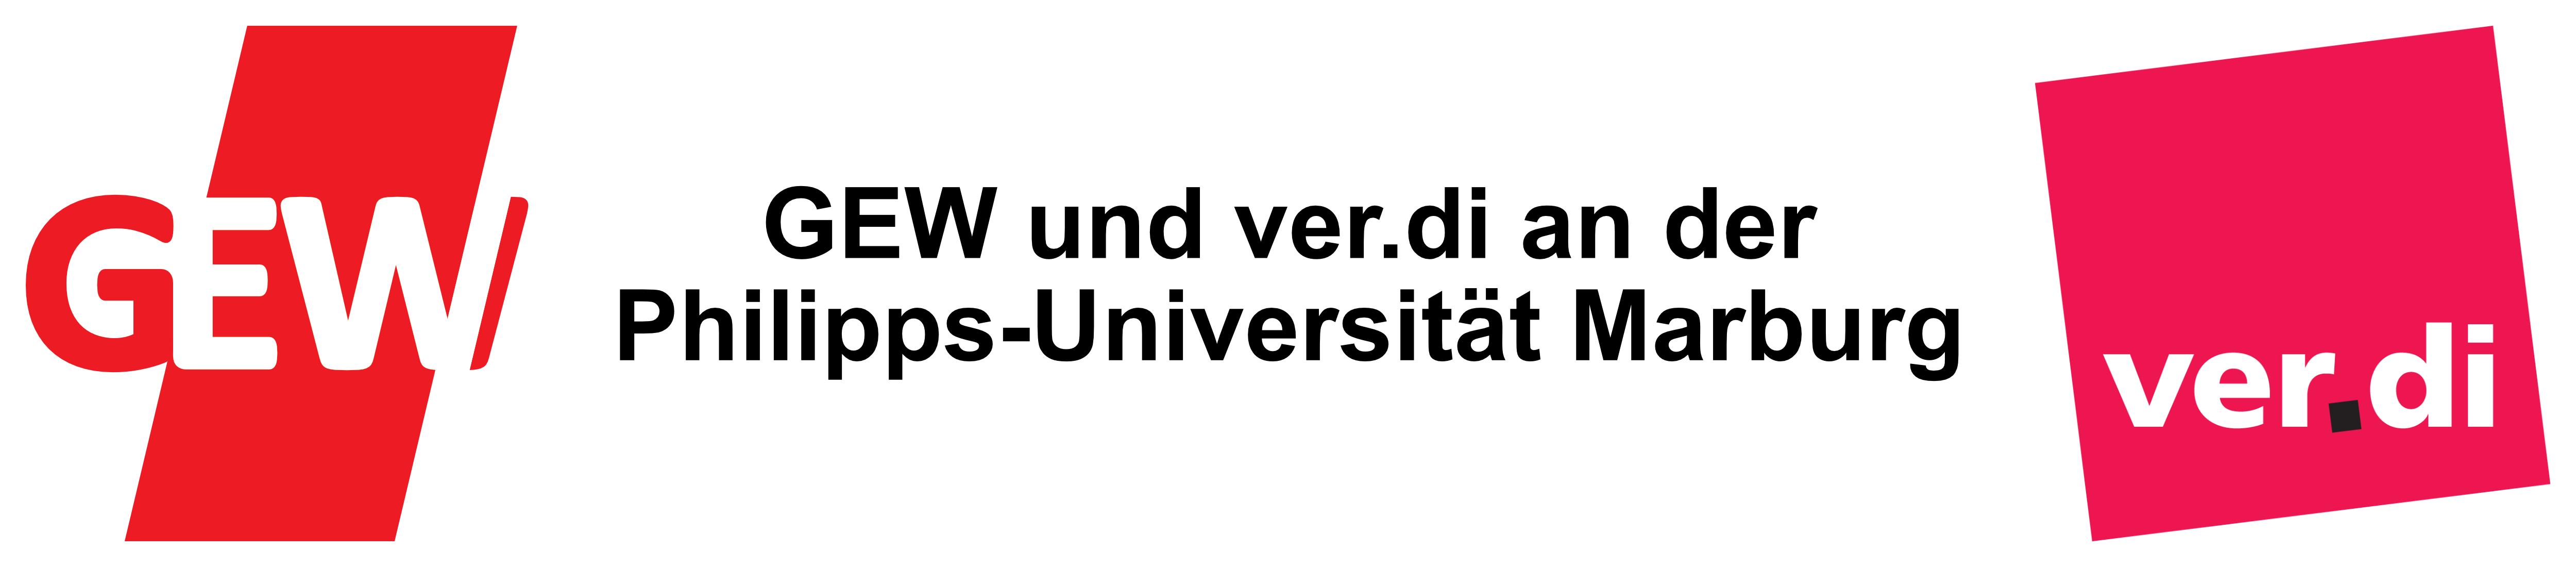 GEW und ver.di an der Philipps-Universität Marburg